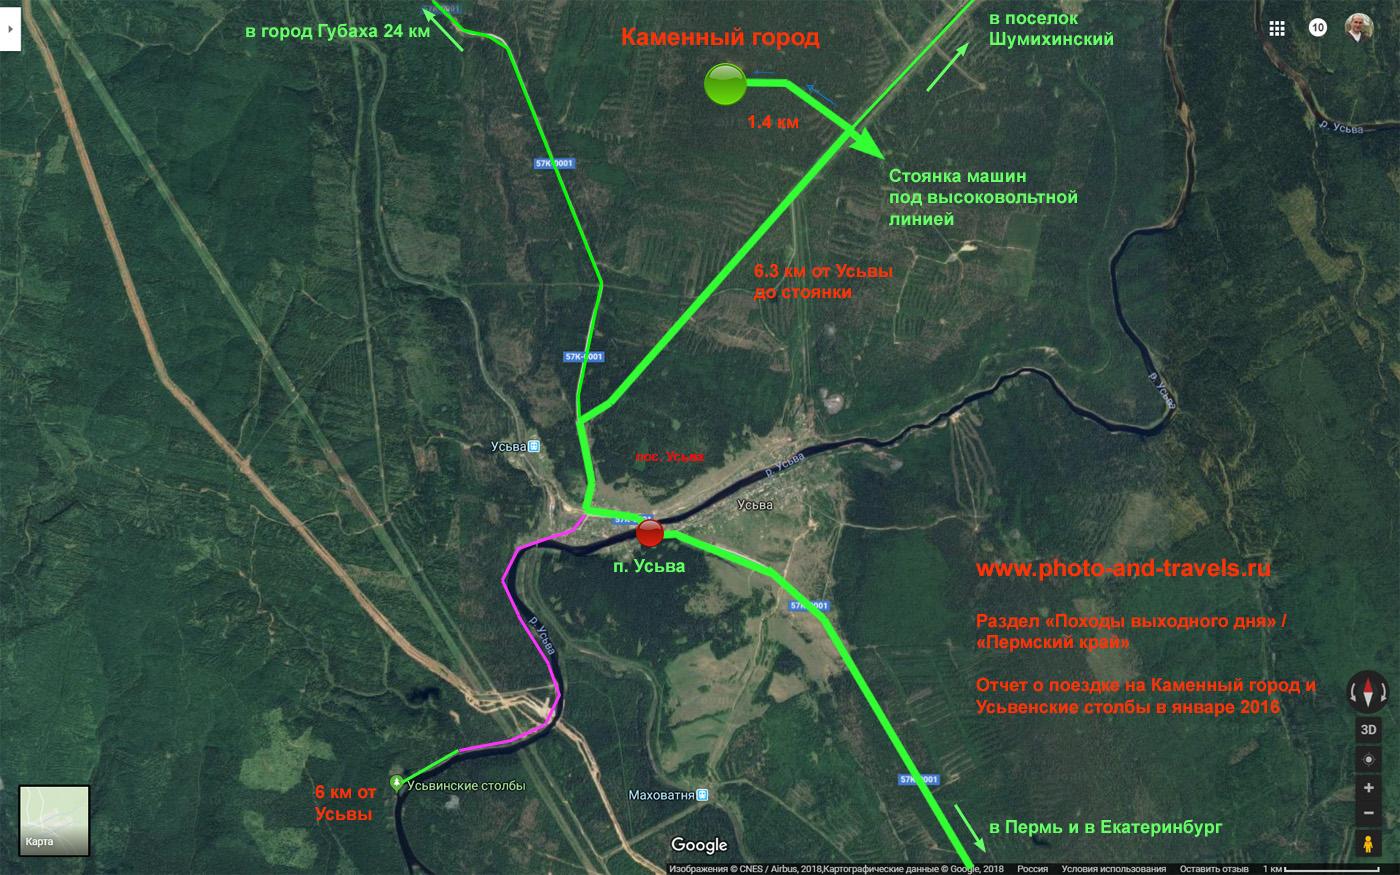 Карта со схемой, поясняющей, как добраться до Каменного города из поселка Усьва. Как доехать из Губахи, Чусового, Перми, Нижнего Тагила и Екатеринбурга.